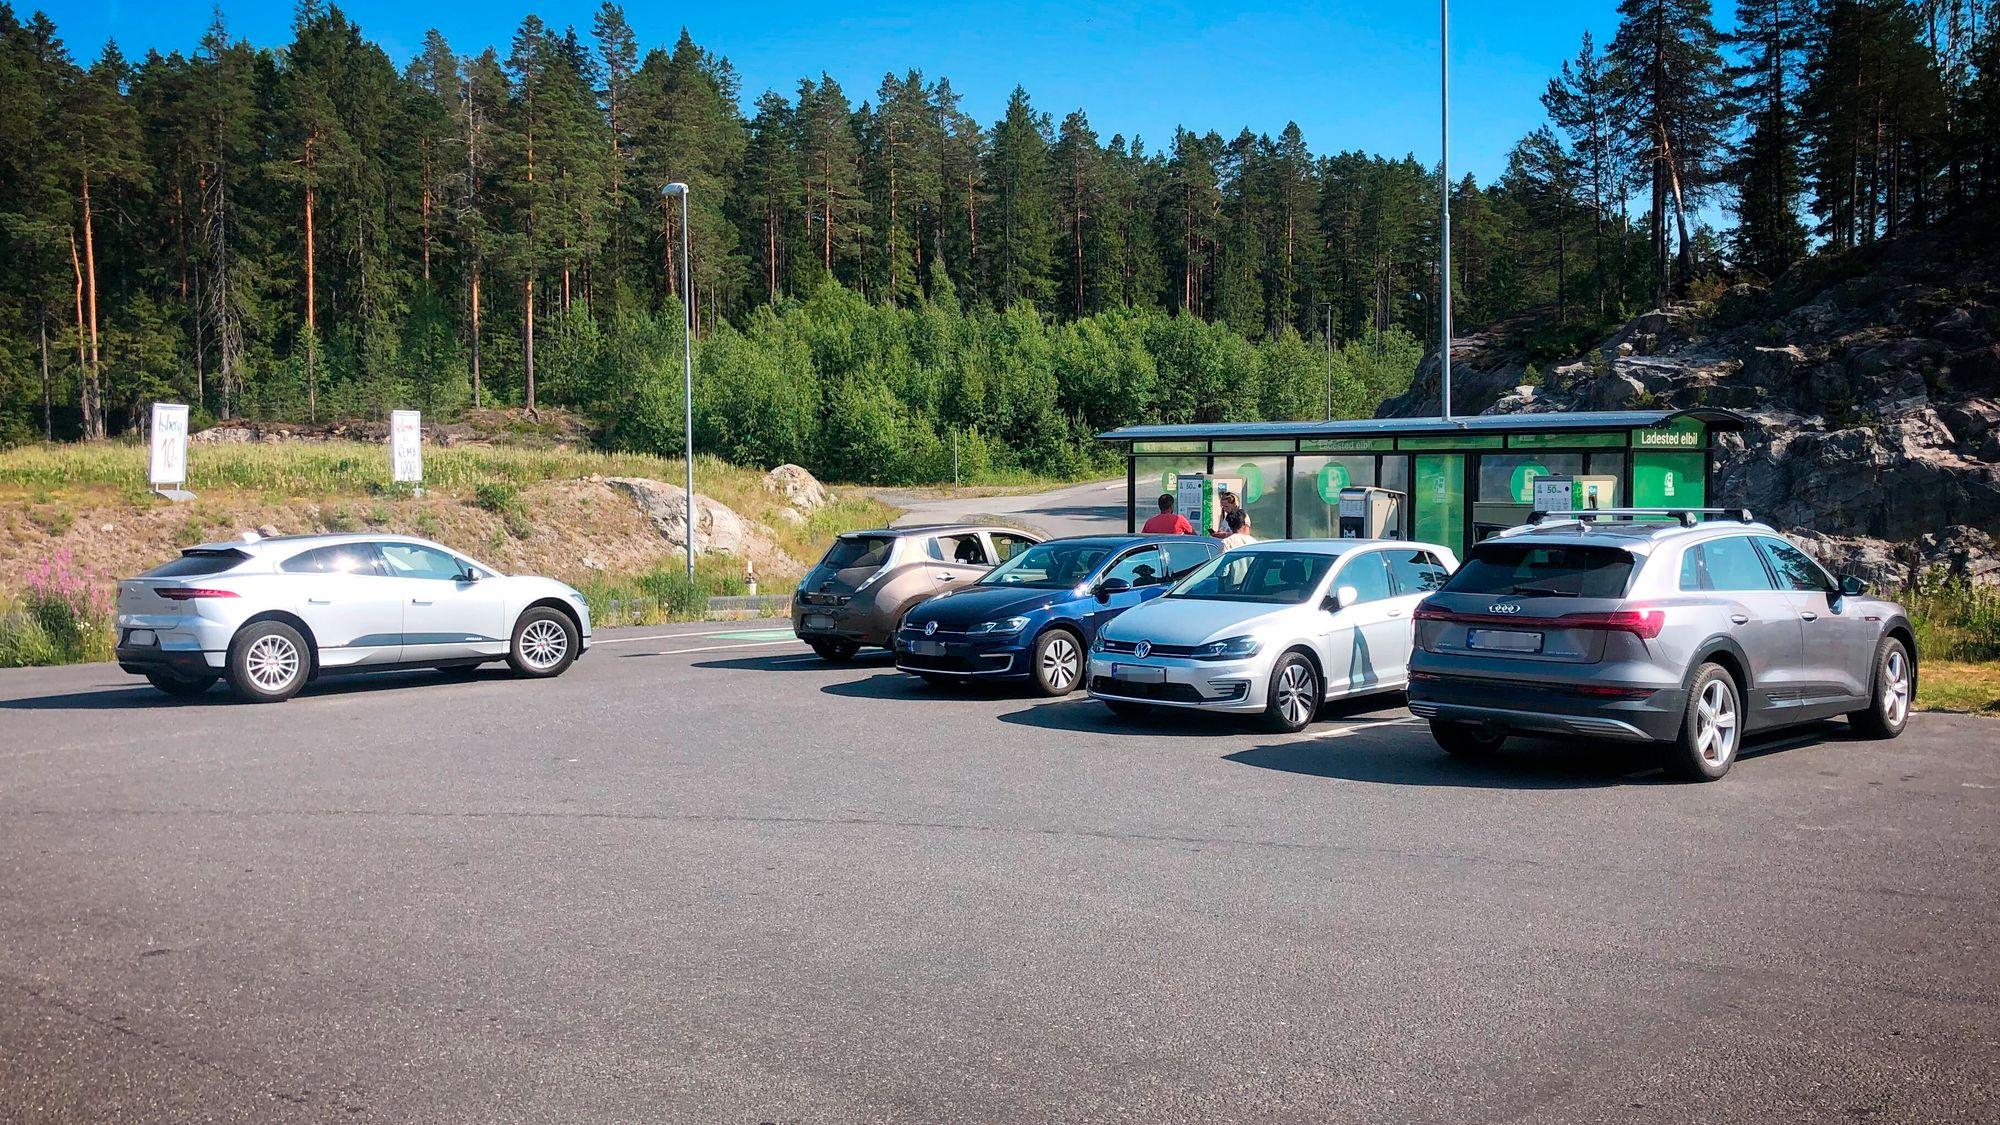 Elbilferie i Norge Grønn Kontakt